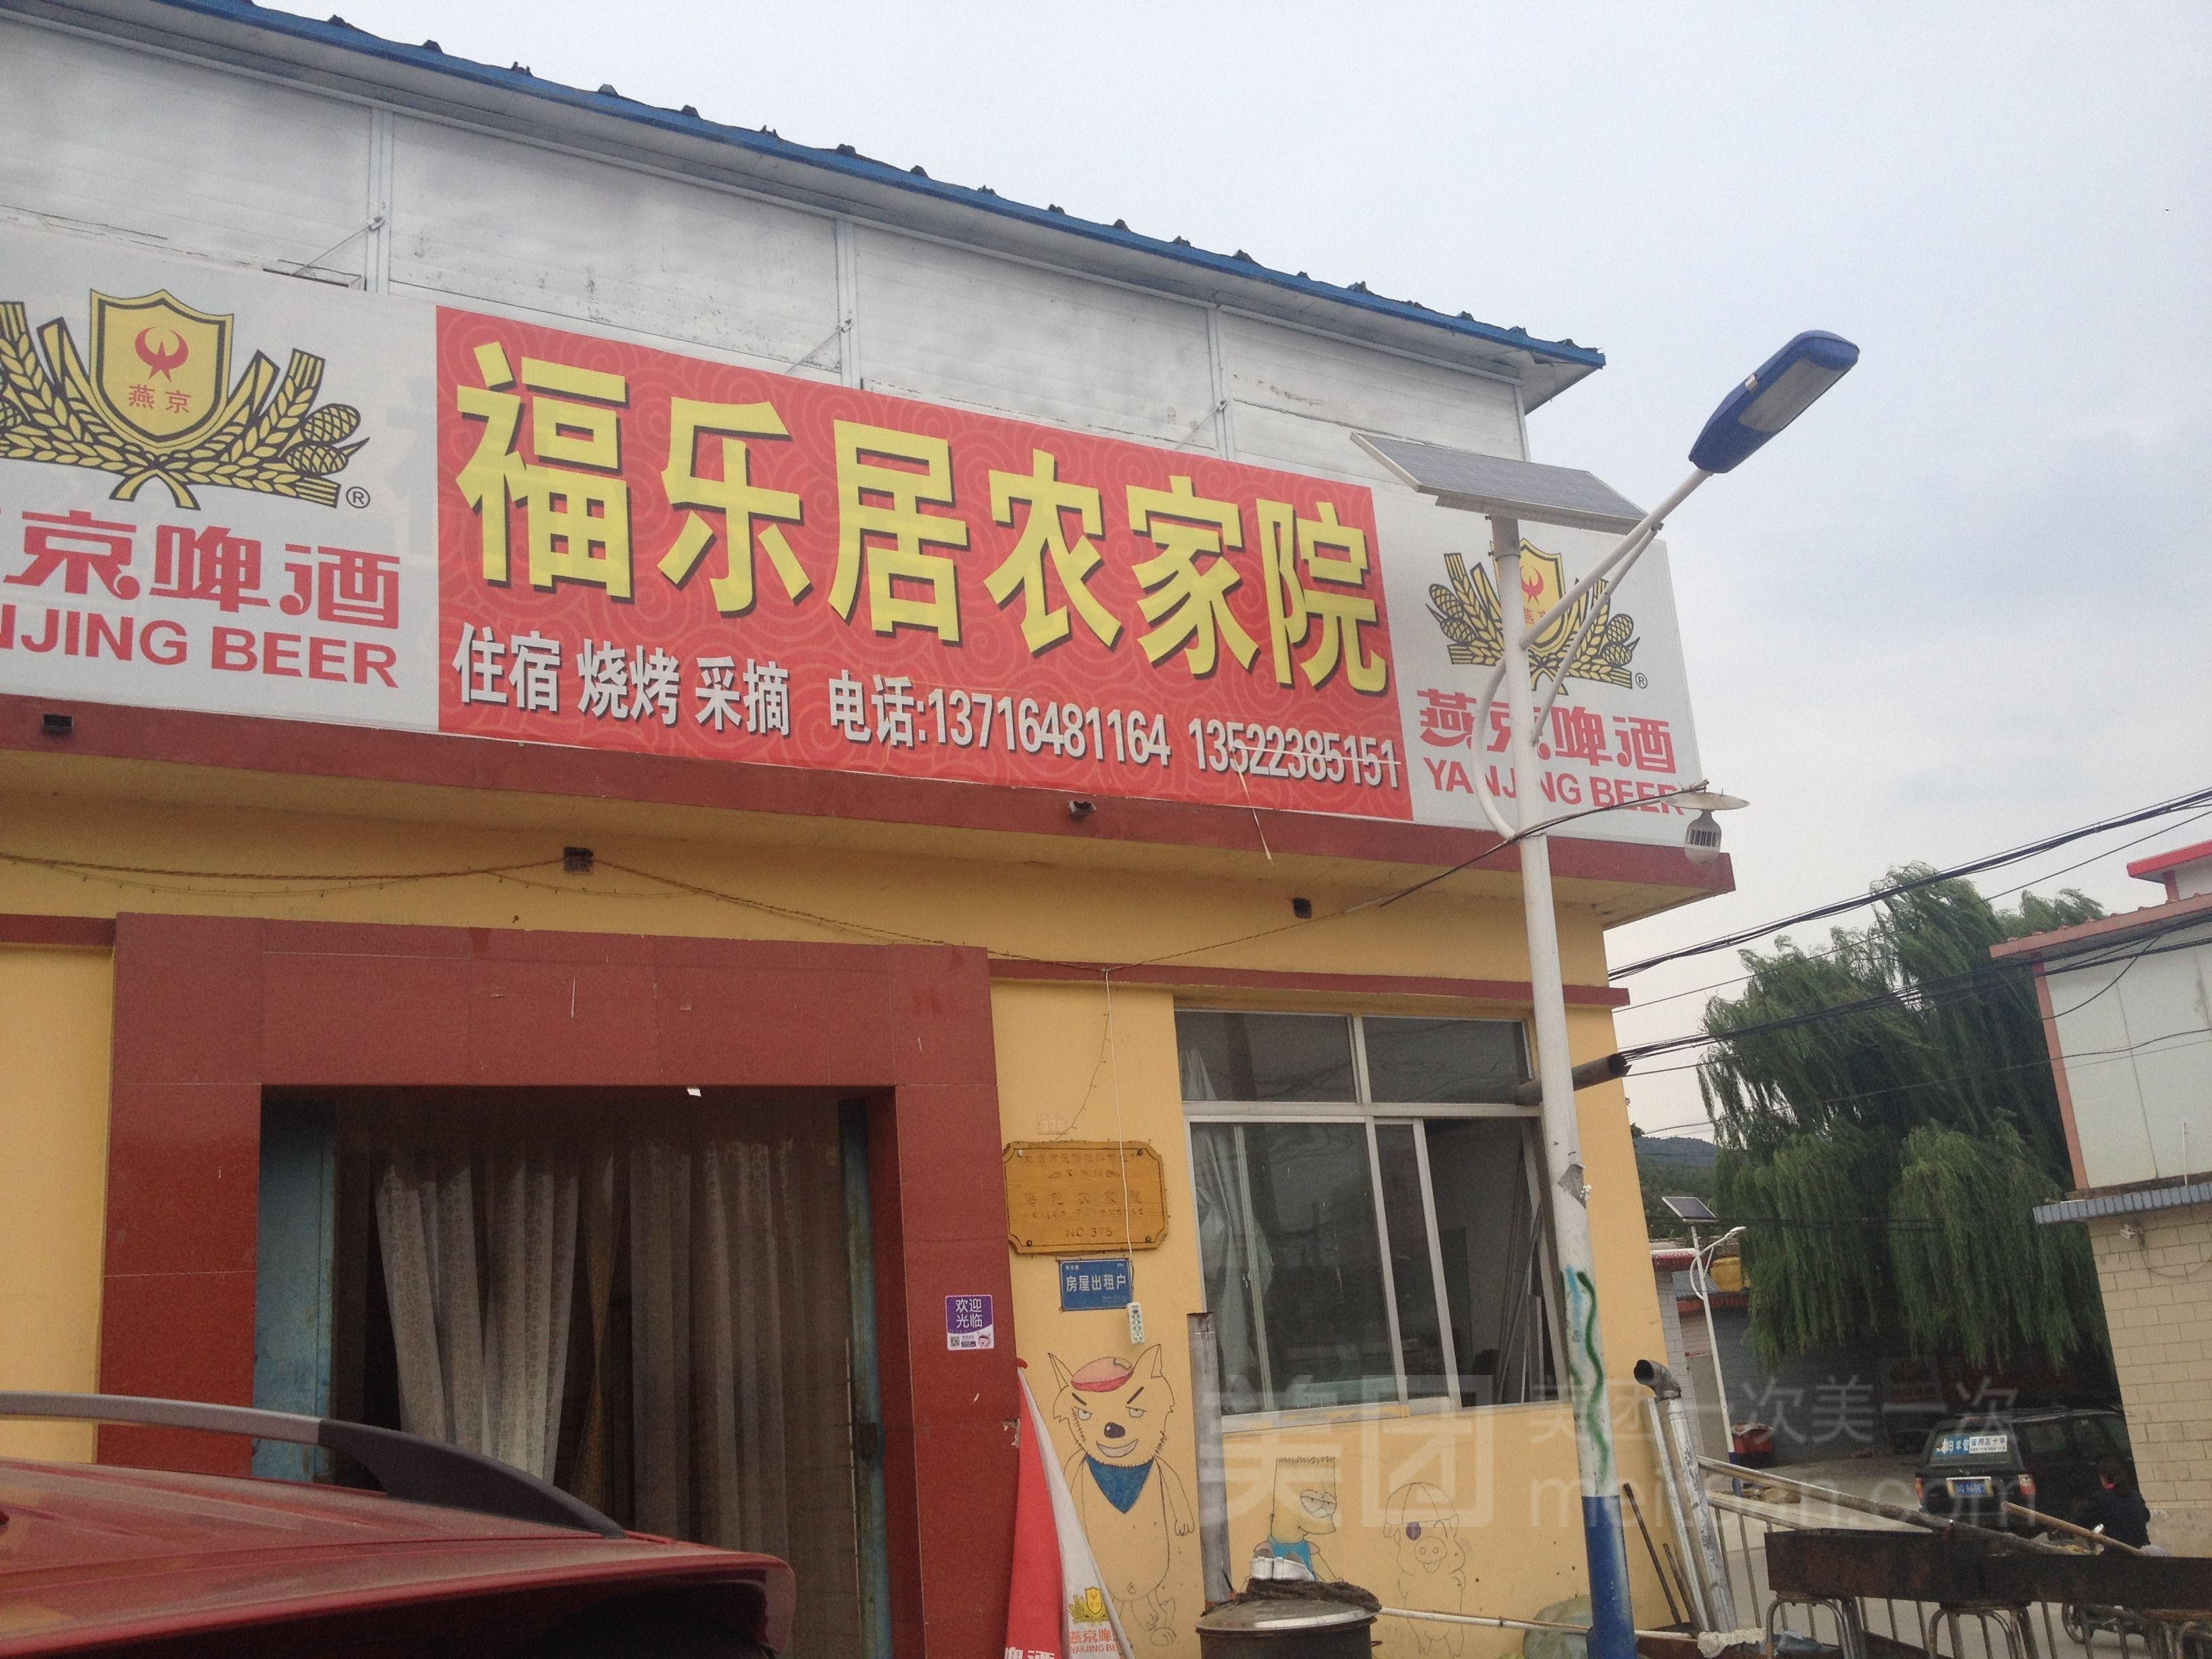 青龙峡福乐居农家院预订/团购